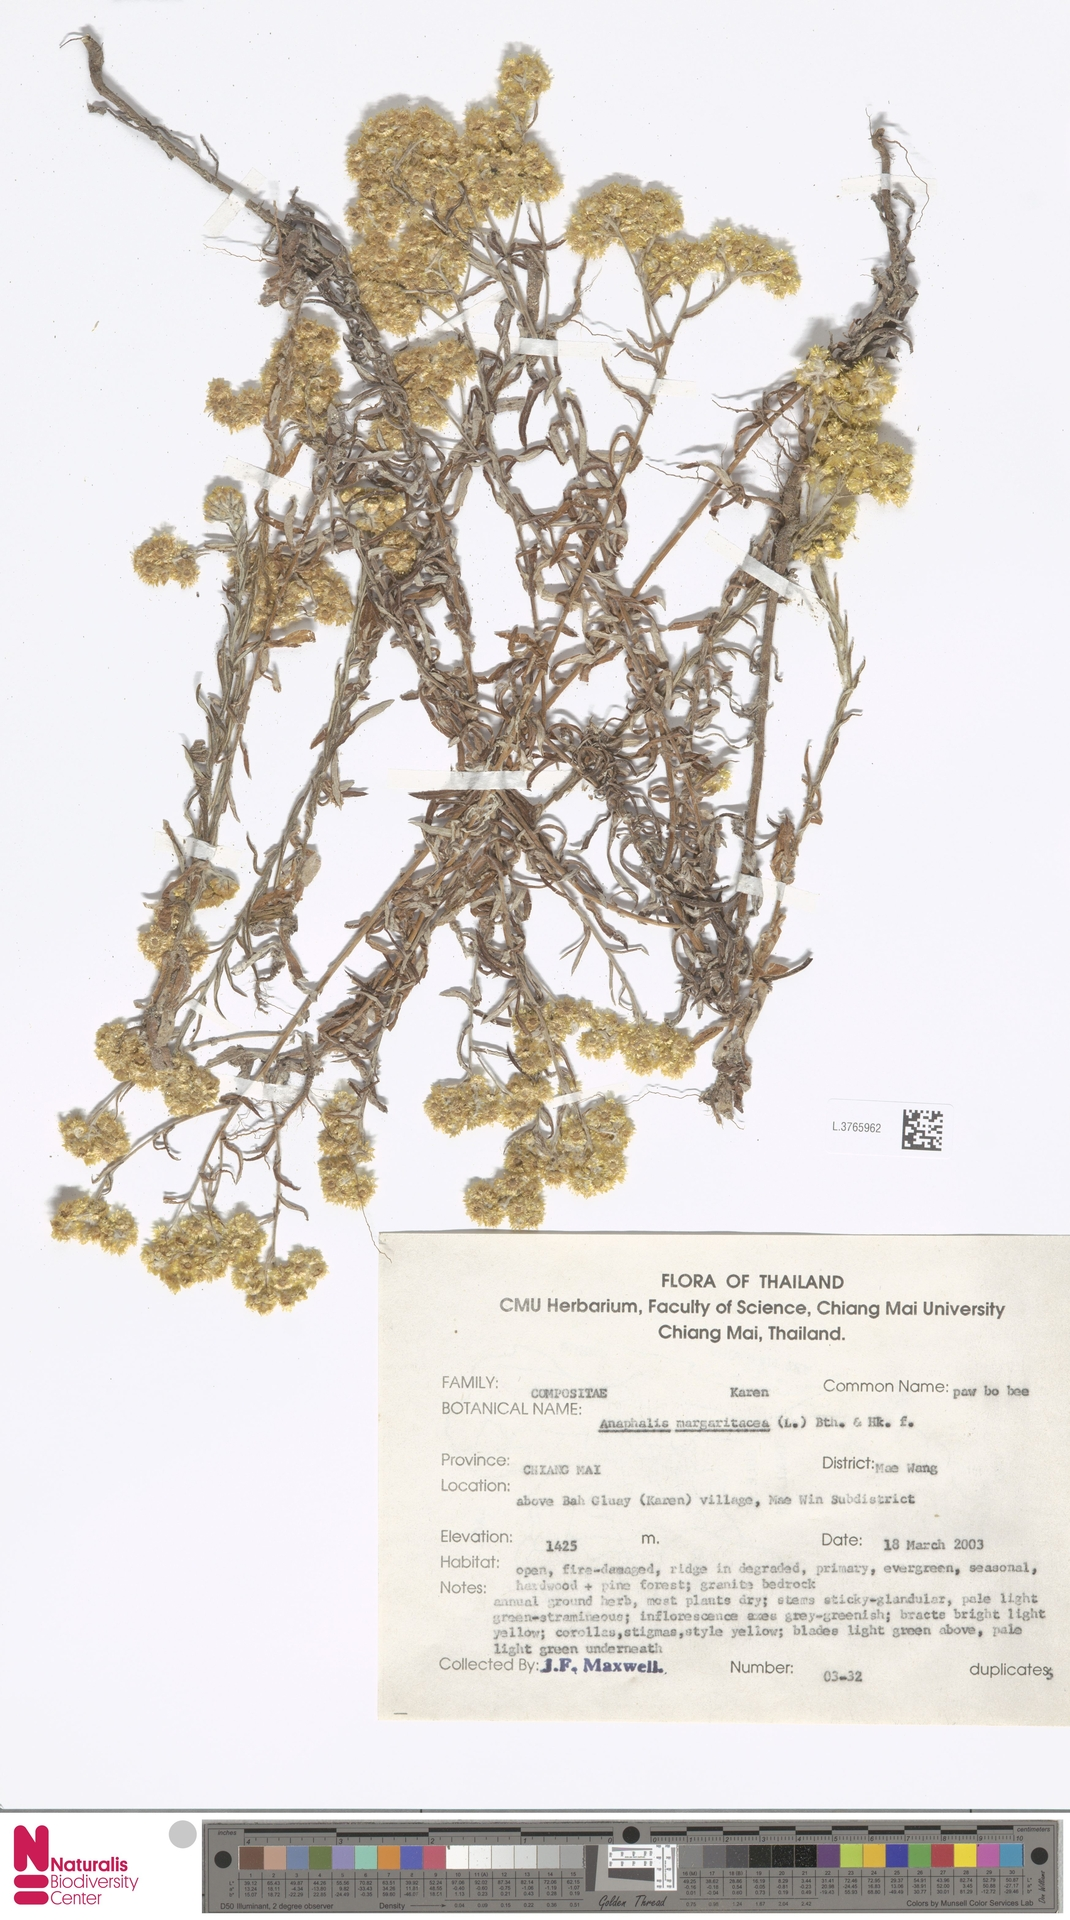 L.3765962 | Anaphalis margaritacea (L.) Benth. & Hook.f.